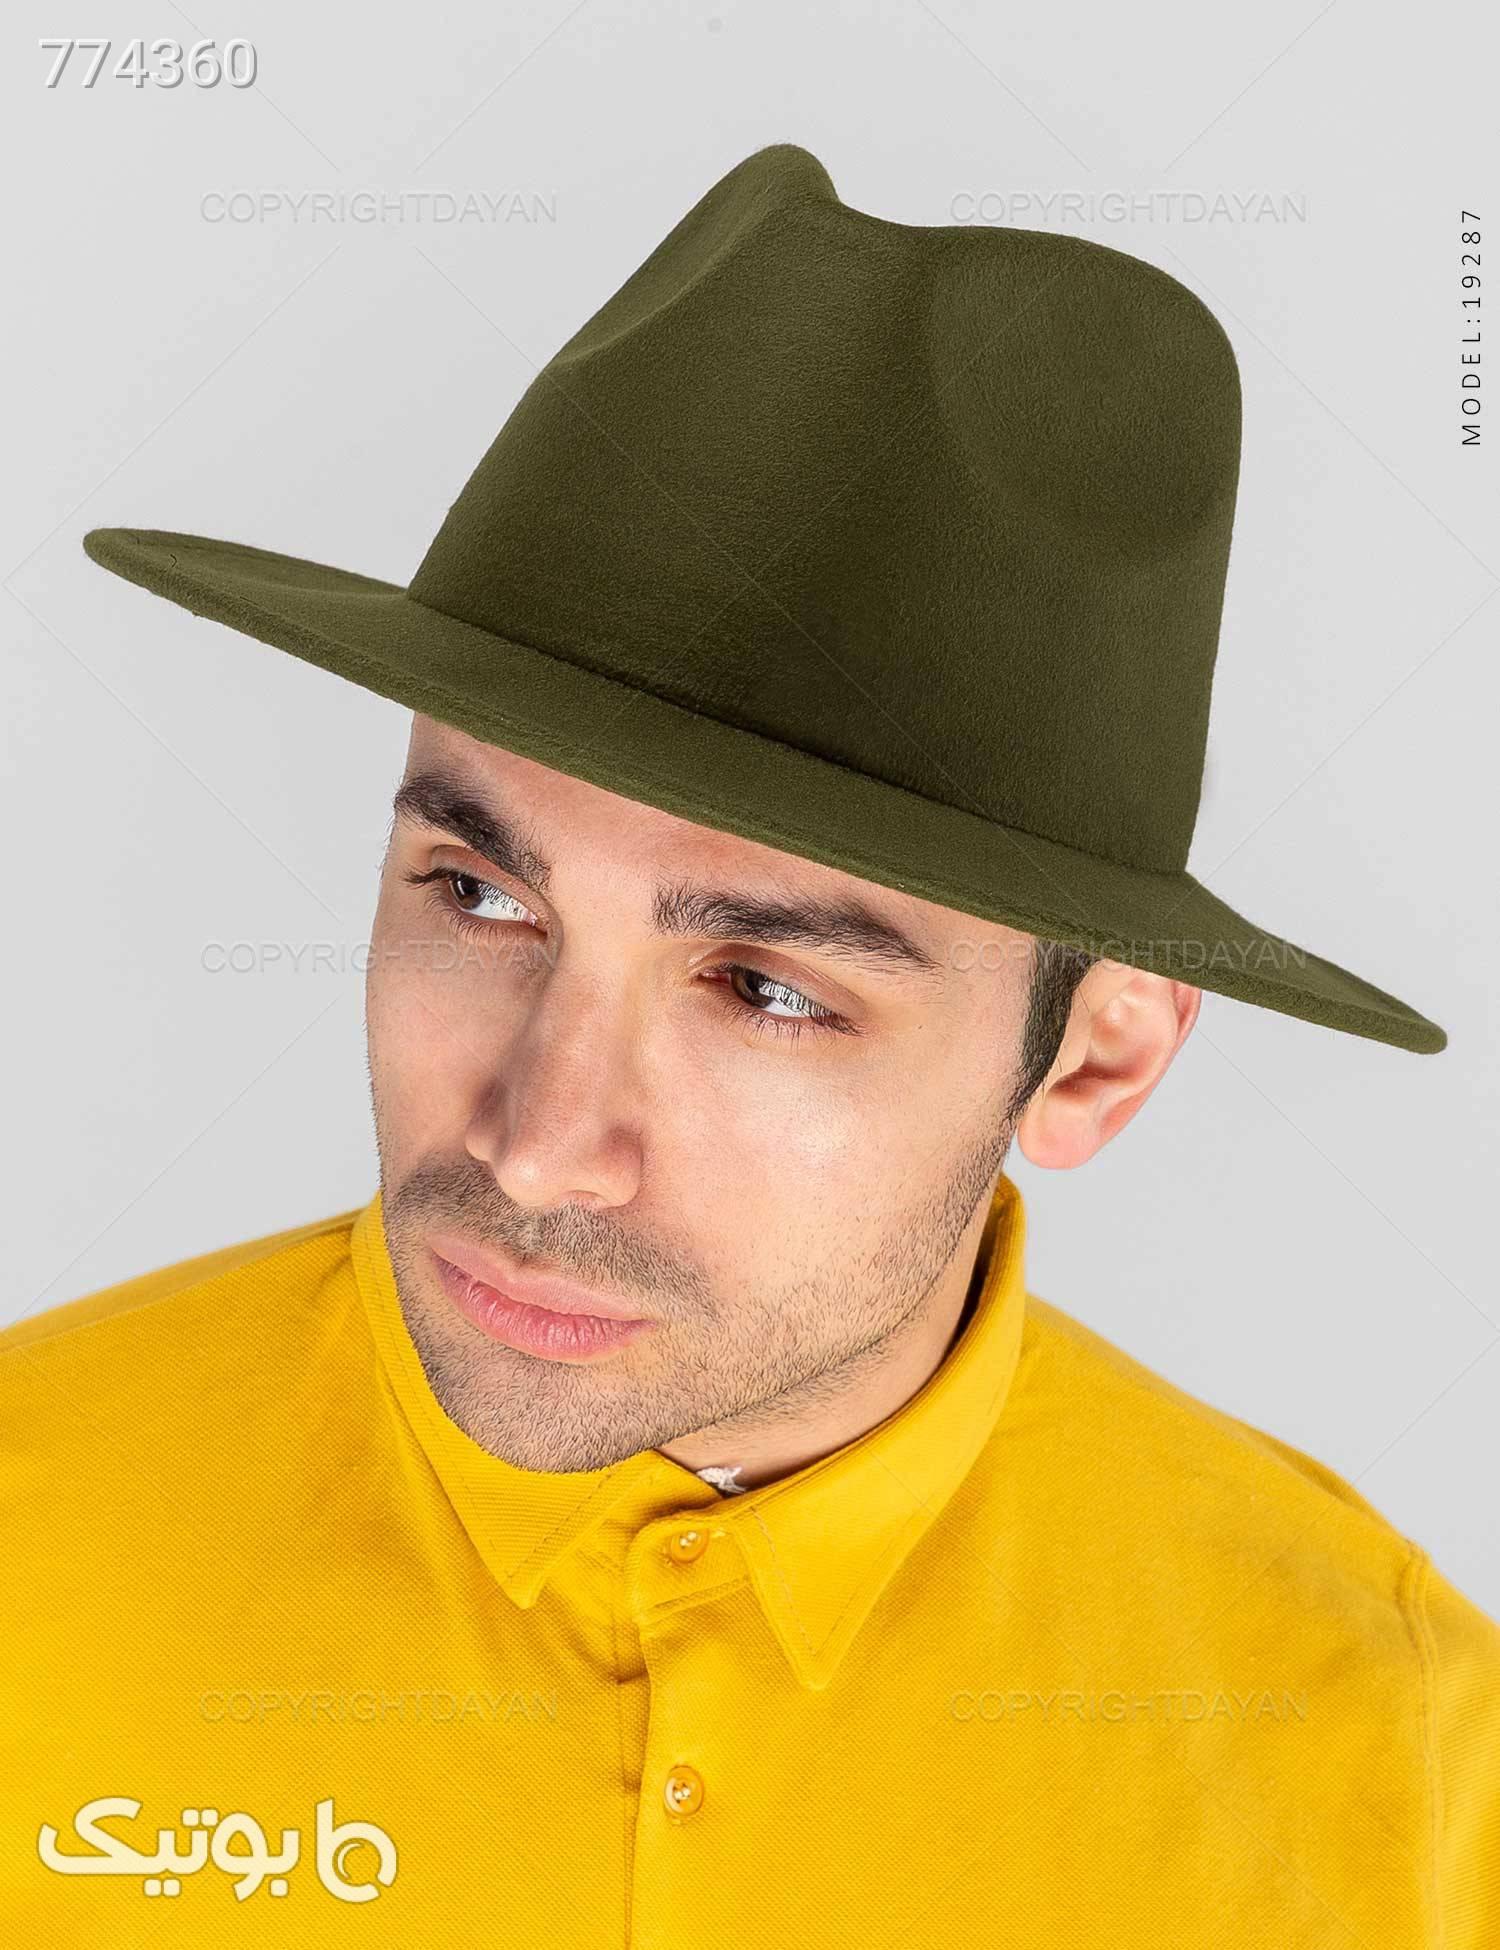 کلاه شاپو Kiyan مدل 19287 سبز کلاه و اسکارف